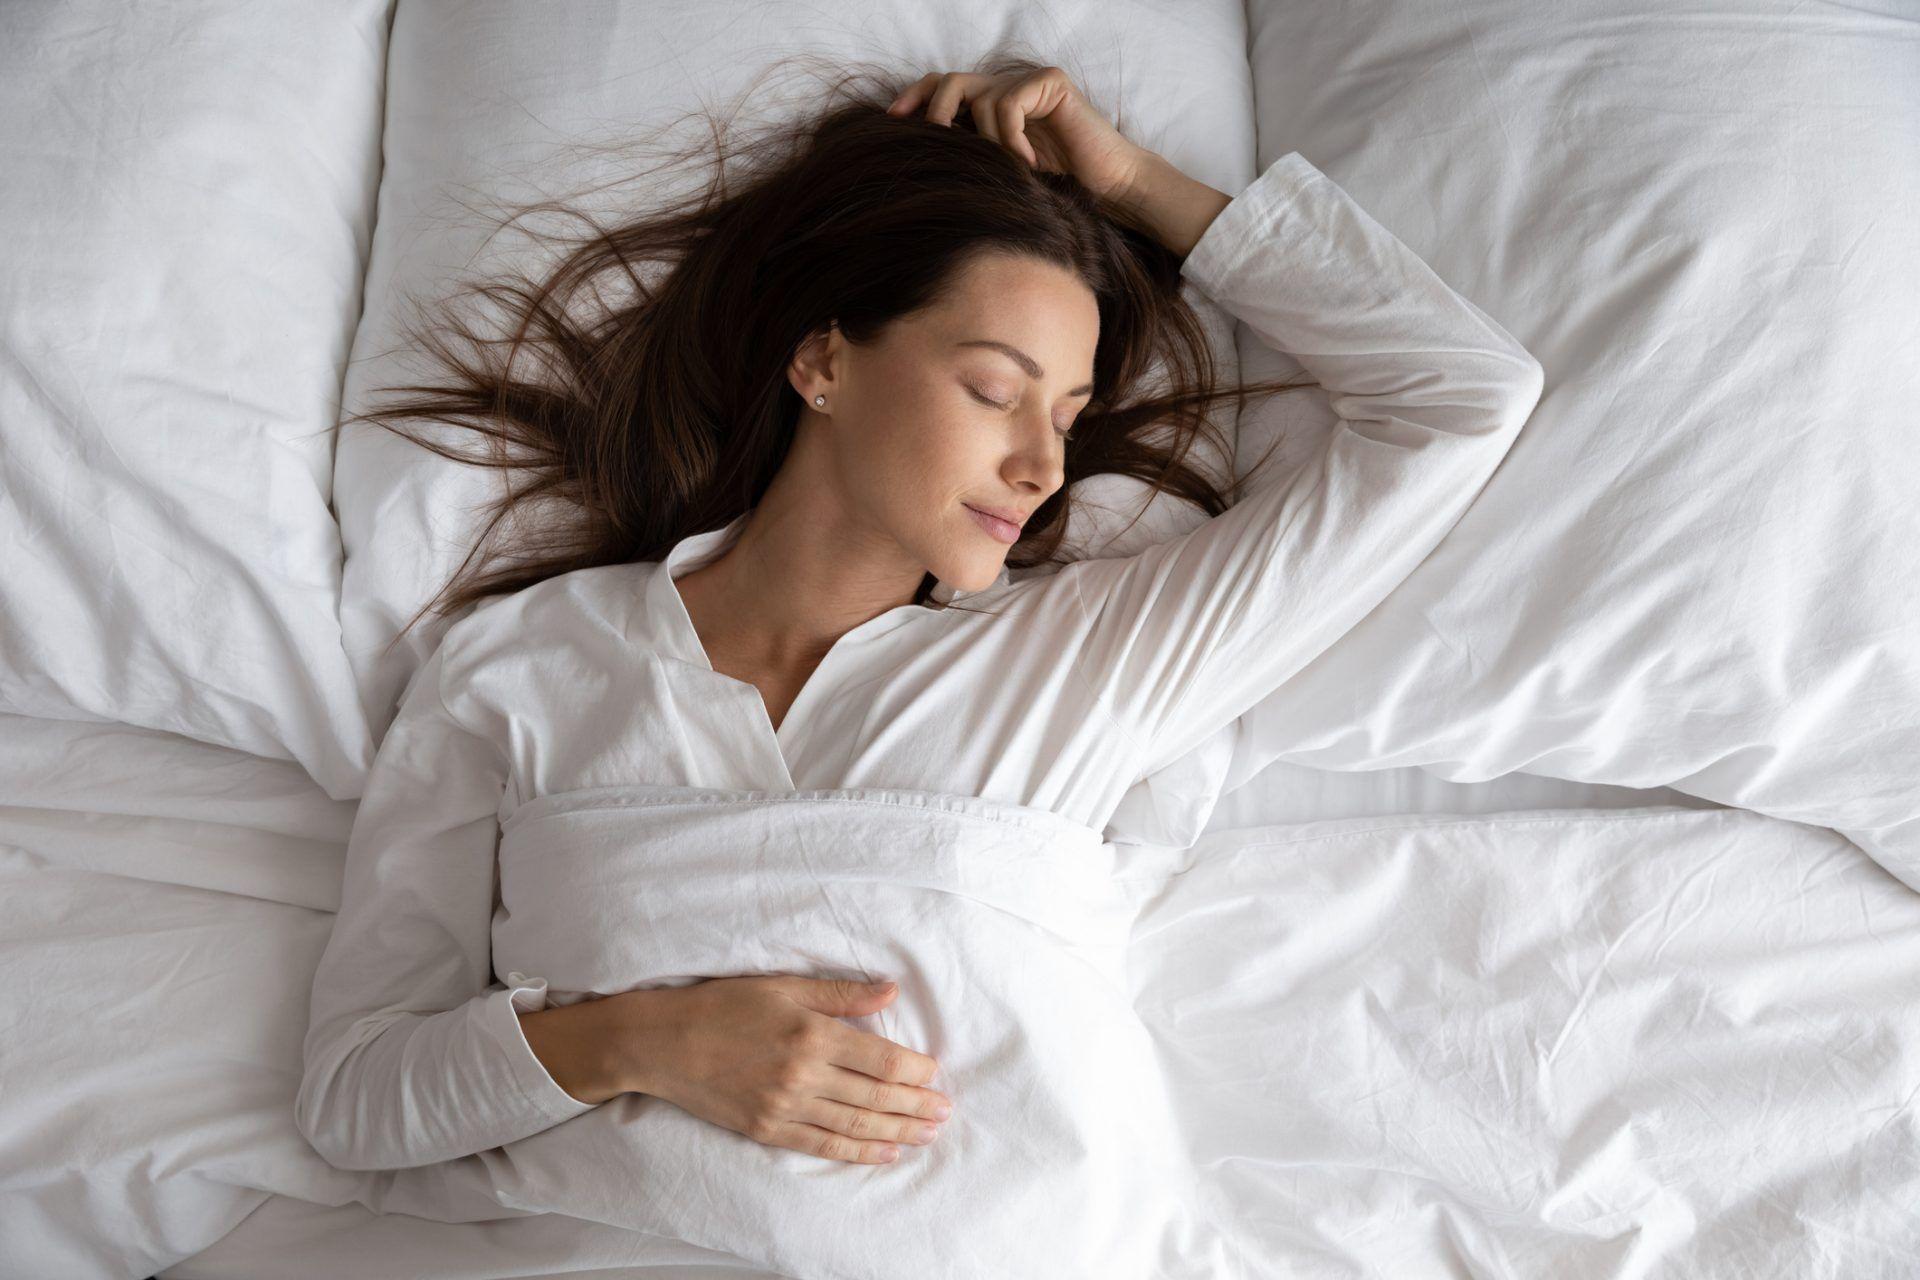 ¿No puedes dormir bien? Prueba estos sencillos consejos